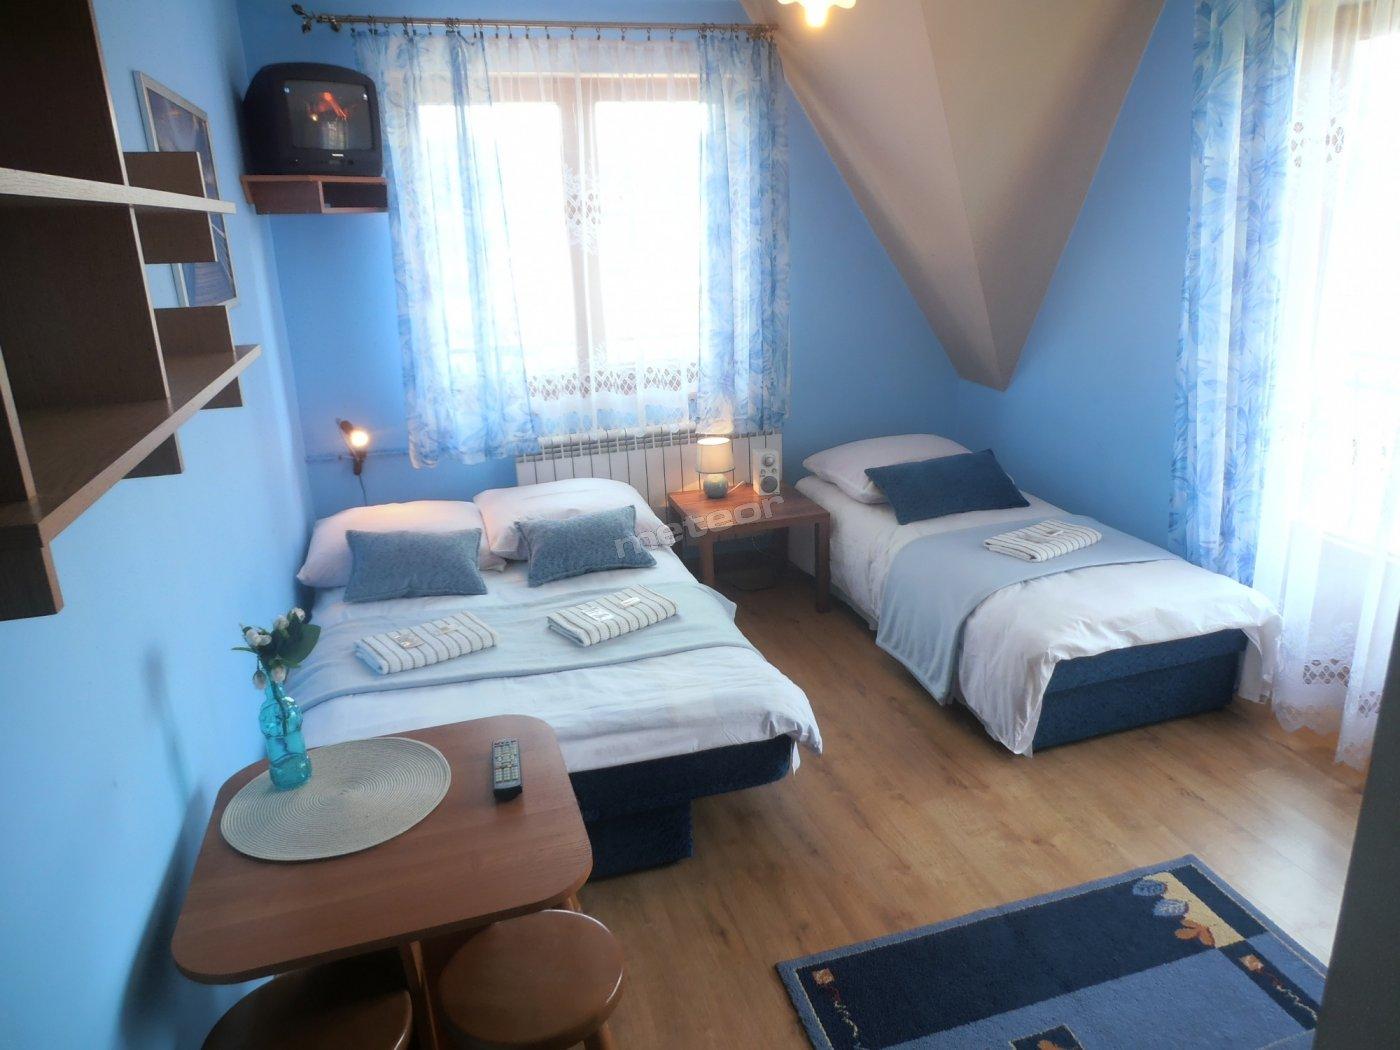 Niebieski - Przestronny, 3-os. pokój z balkonem i widokiem na panoramę Tatr, w błękitnych barwach. Wyposażony w TV, Wi-Fi i łazienkę; jedno łóżko małżeńskie, drugie 1. os. Możliwość dostawki.